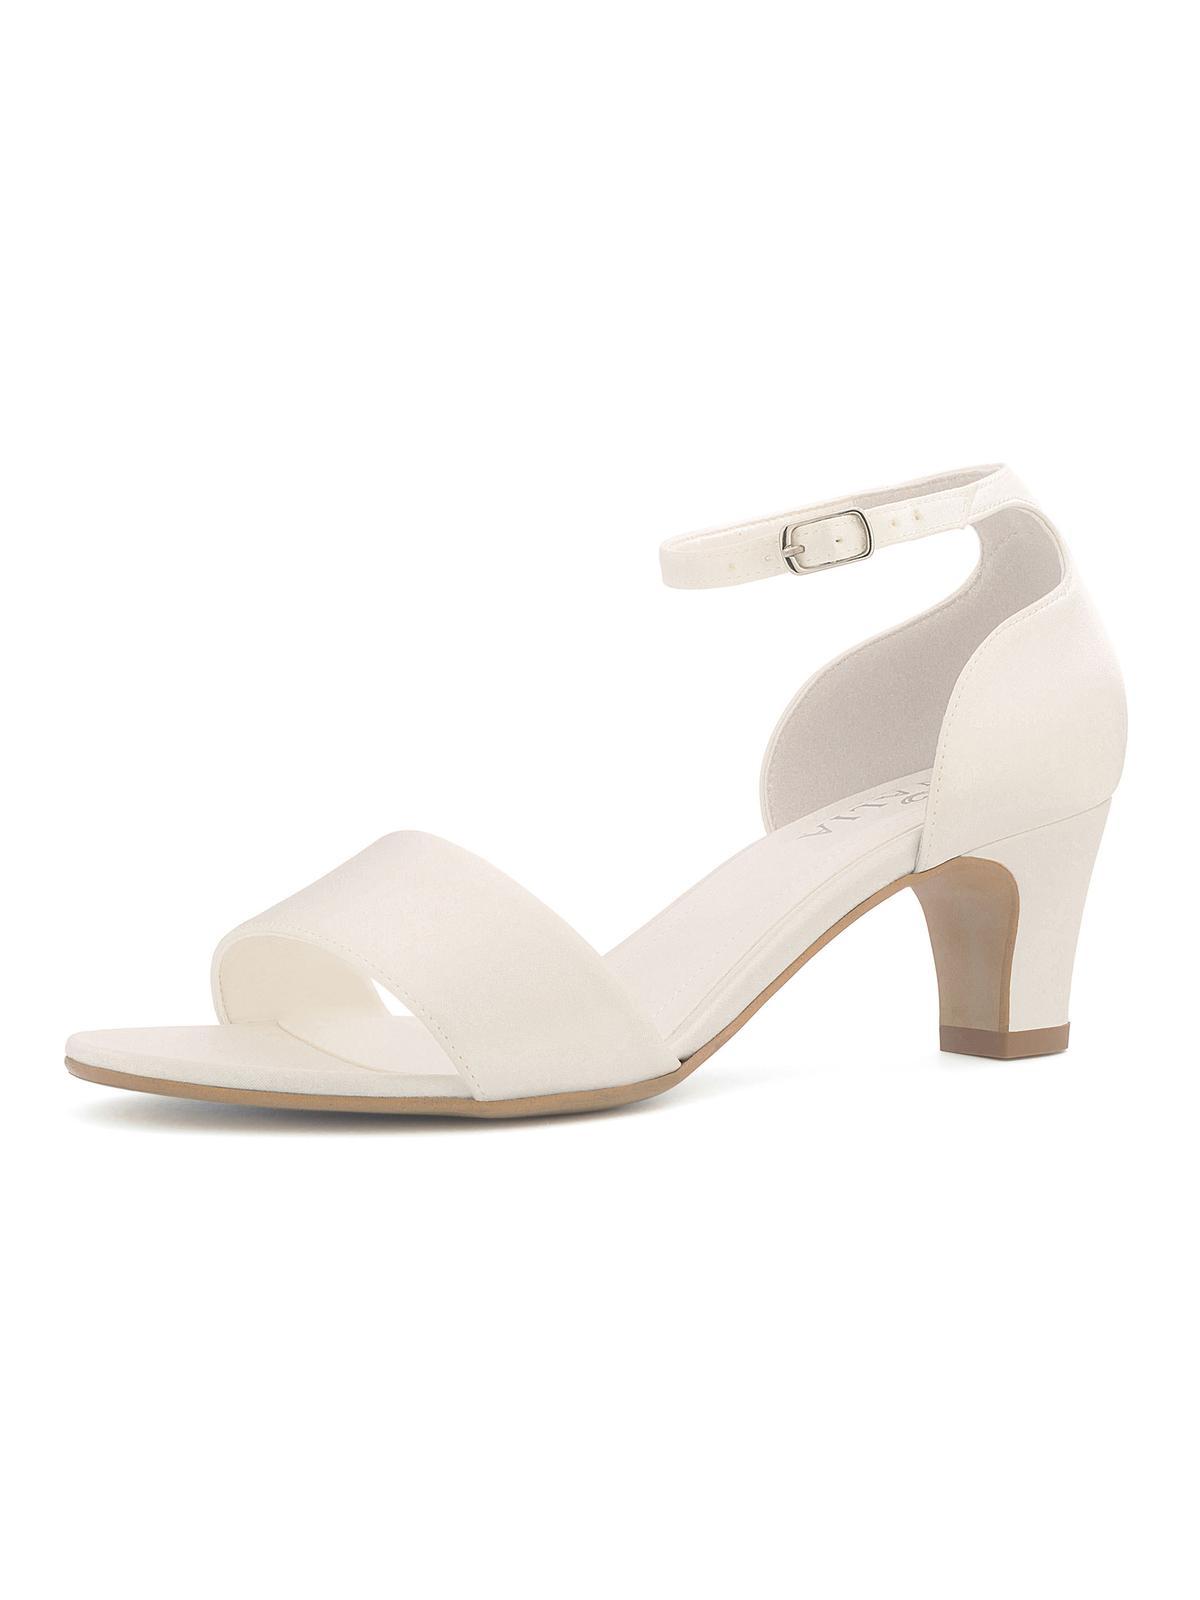 Svadobné sandálky Capri veľ. od 36 do 41 - Obrázok č. 1